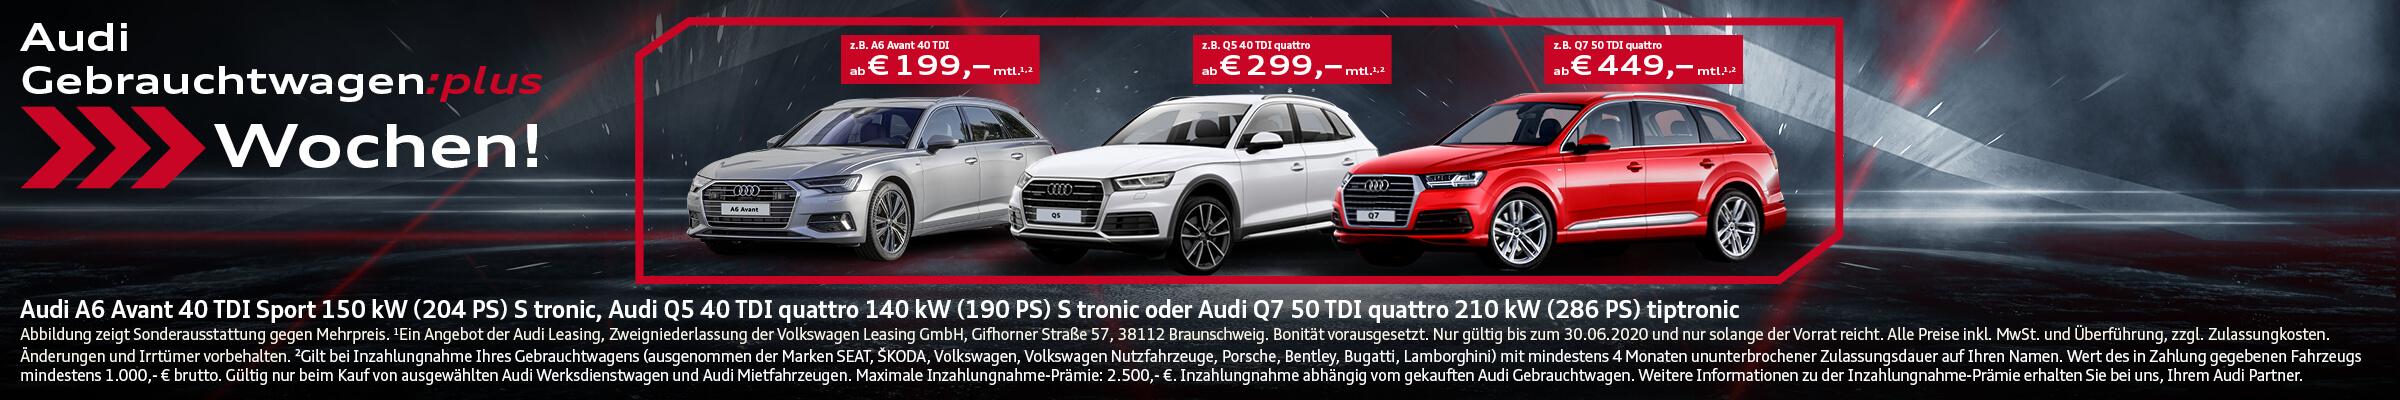 Audi Gebrauchtwagen Wochen